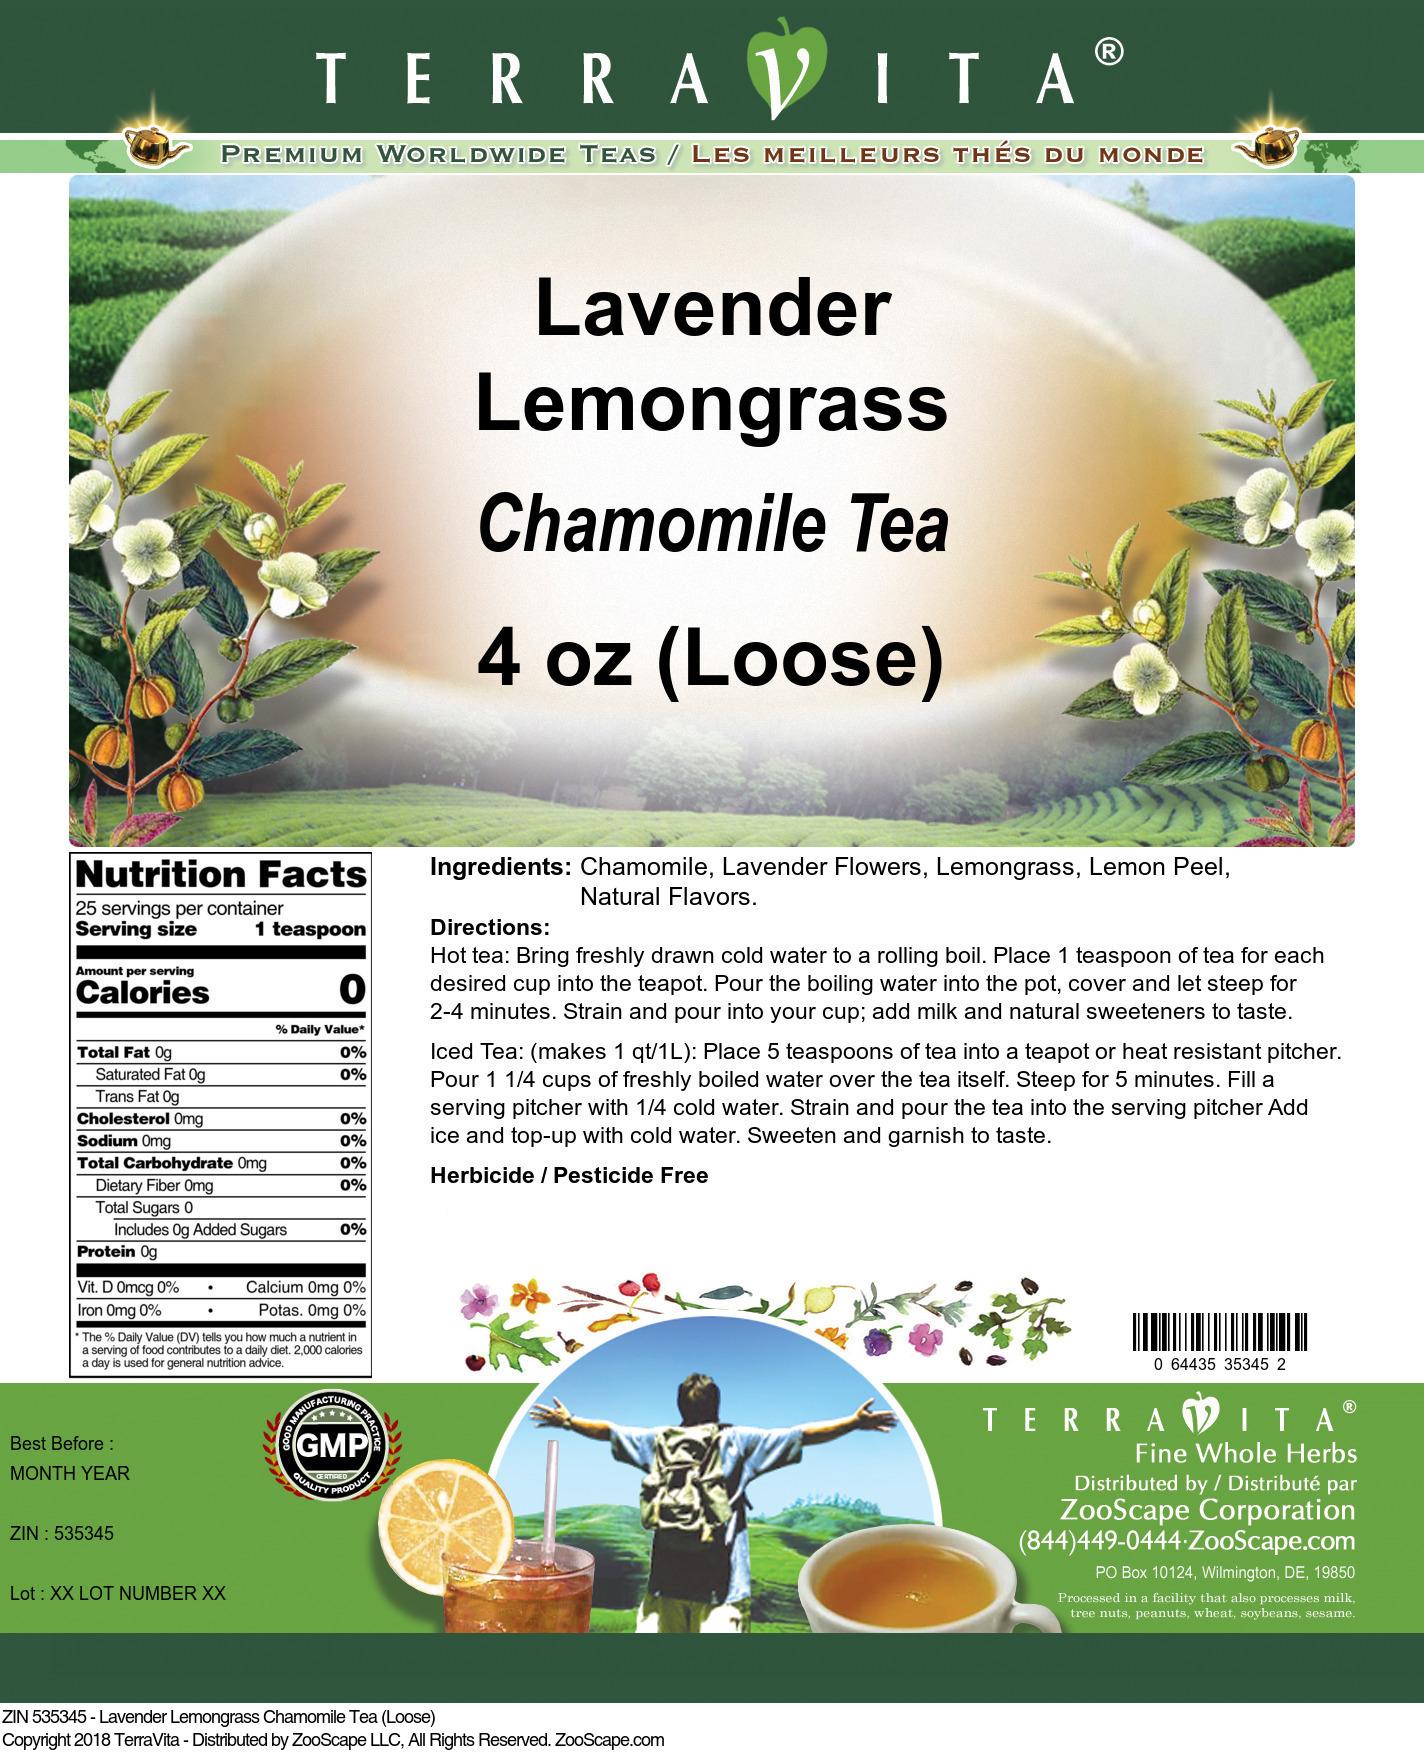 Lavender Lemongrass Chamomile Tea